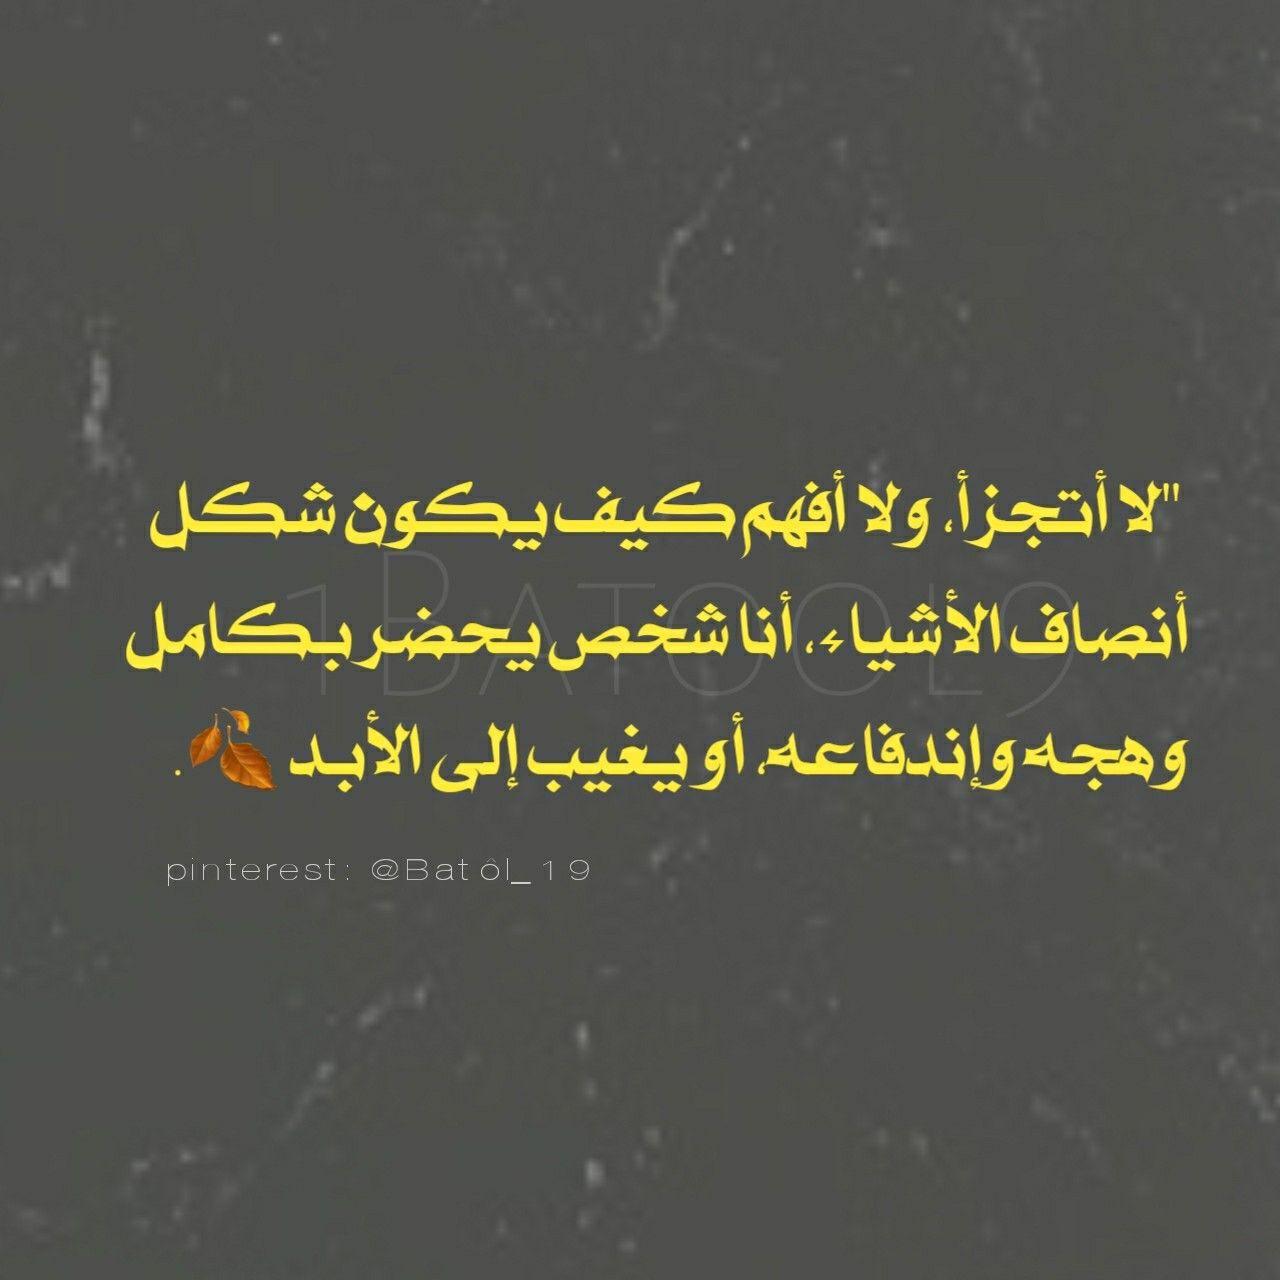 الله حب وطن العراق اقتباسات رمزيات تصاميم كتابات فضفضة شعر ستوريات Movie Posters Poster Movies